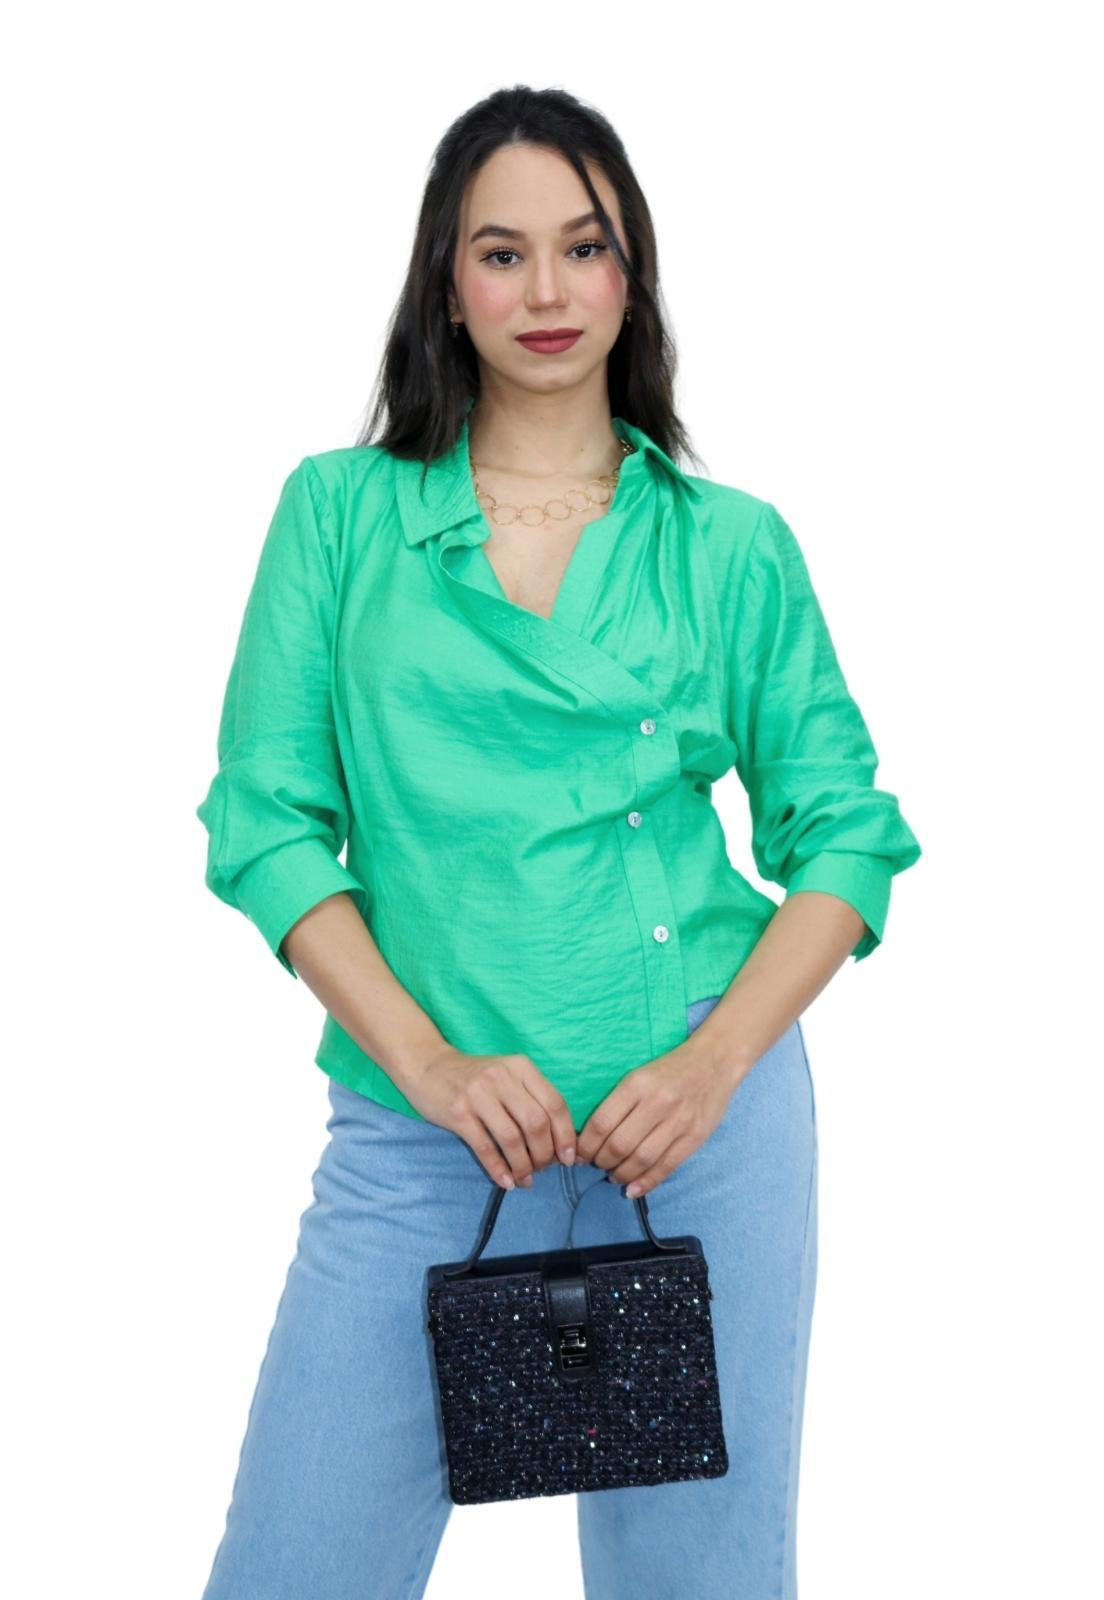 Camisa Feminina LInho Manga Longa Assimétrica Detalhe Botões